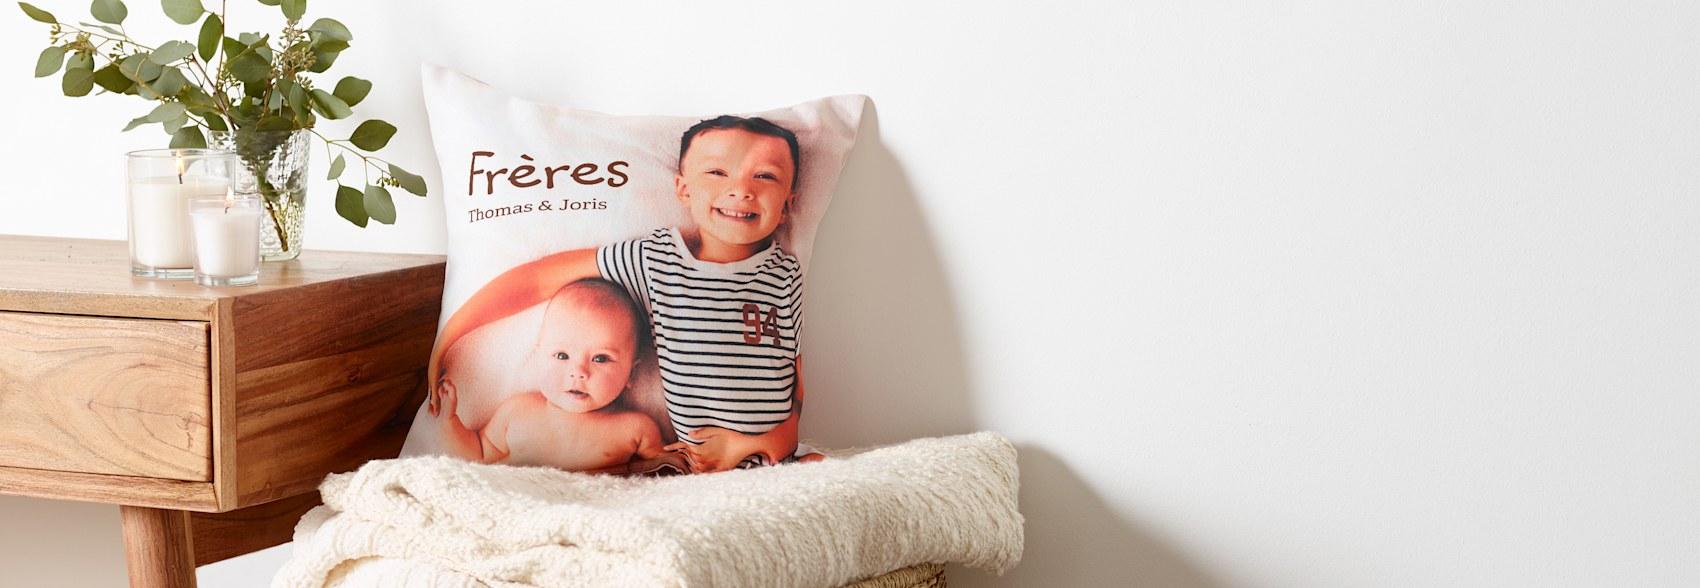 coussins personnalisés avec photos d'enfants